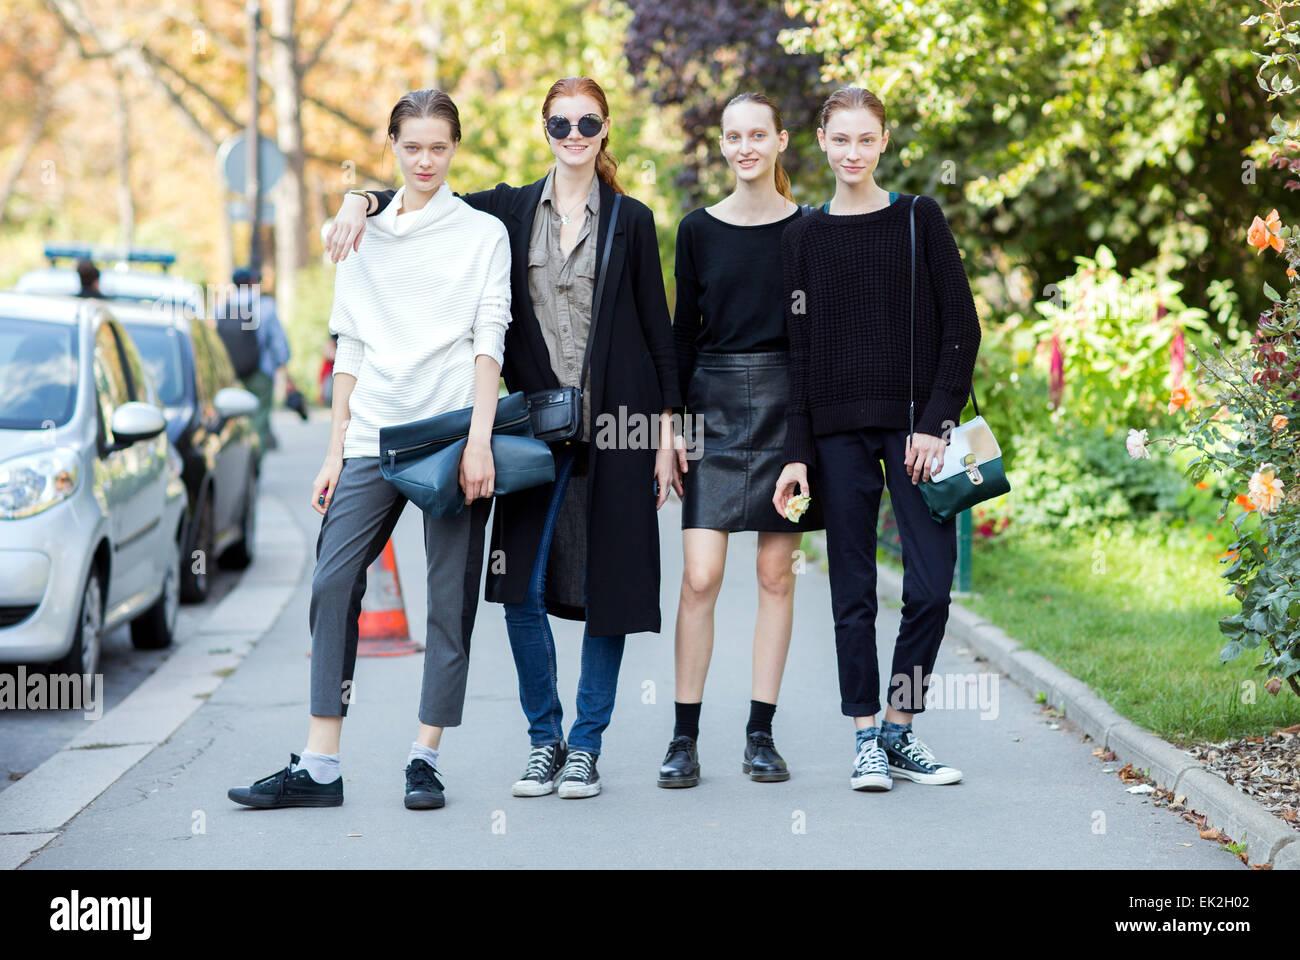 Semana de la moda de París - Primavera/Verano 2015 - Streetstyle Featuring: Los modelos donde: París, Francia cuando: Foto de stock